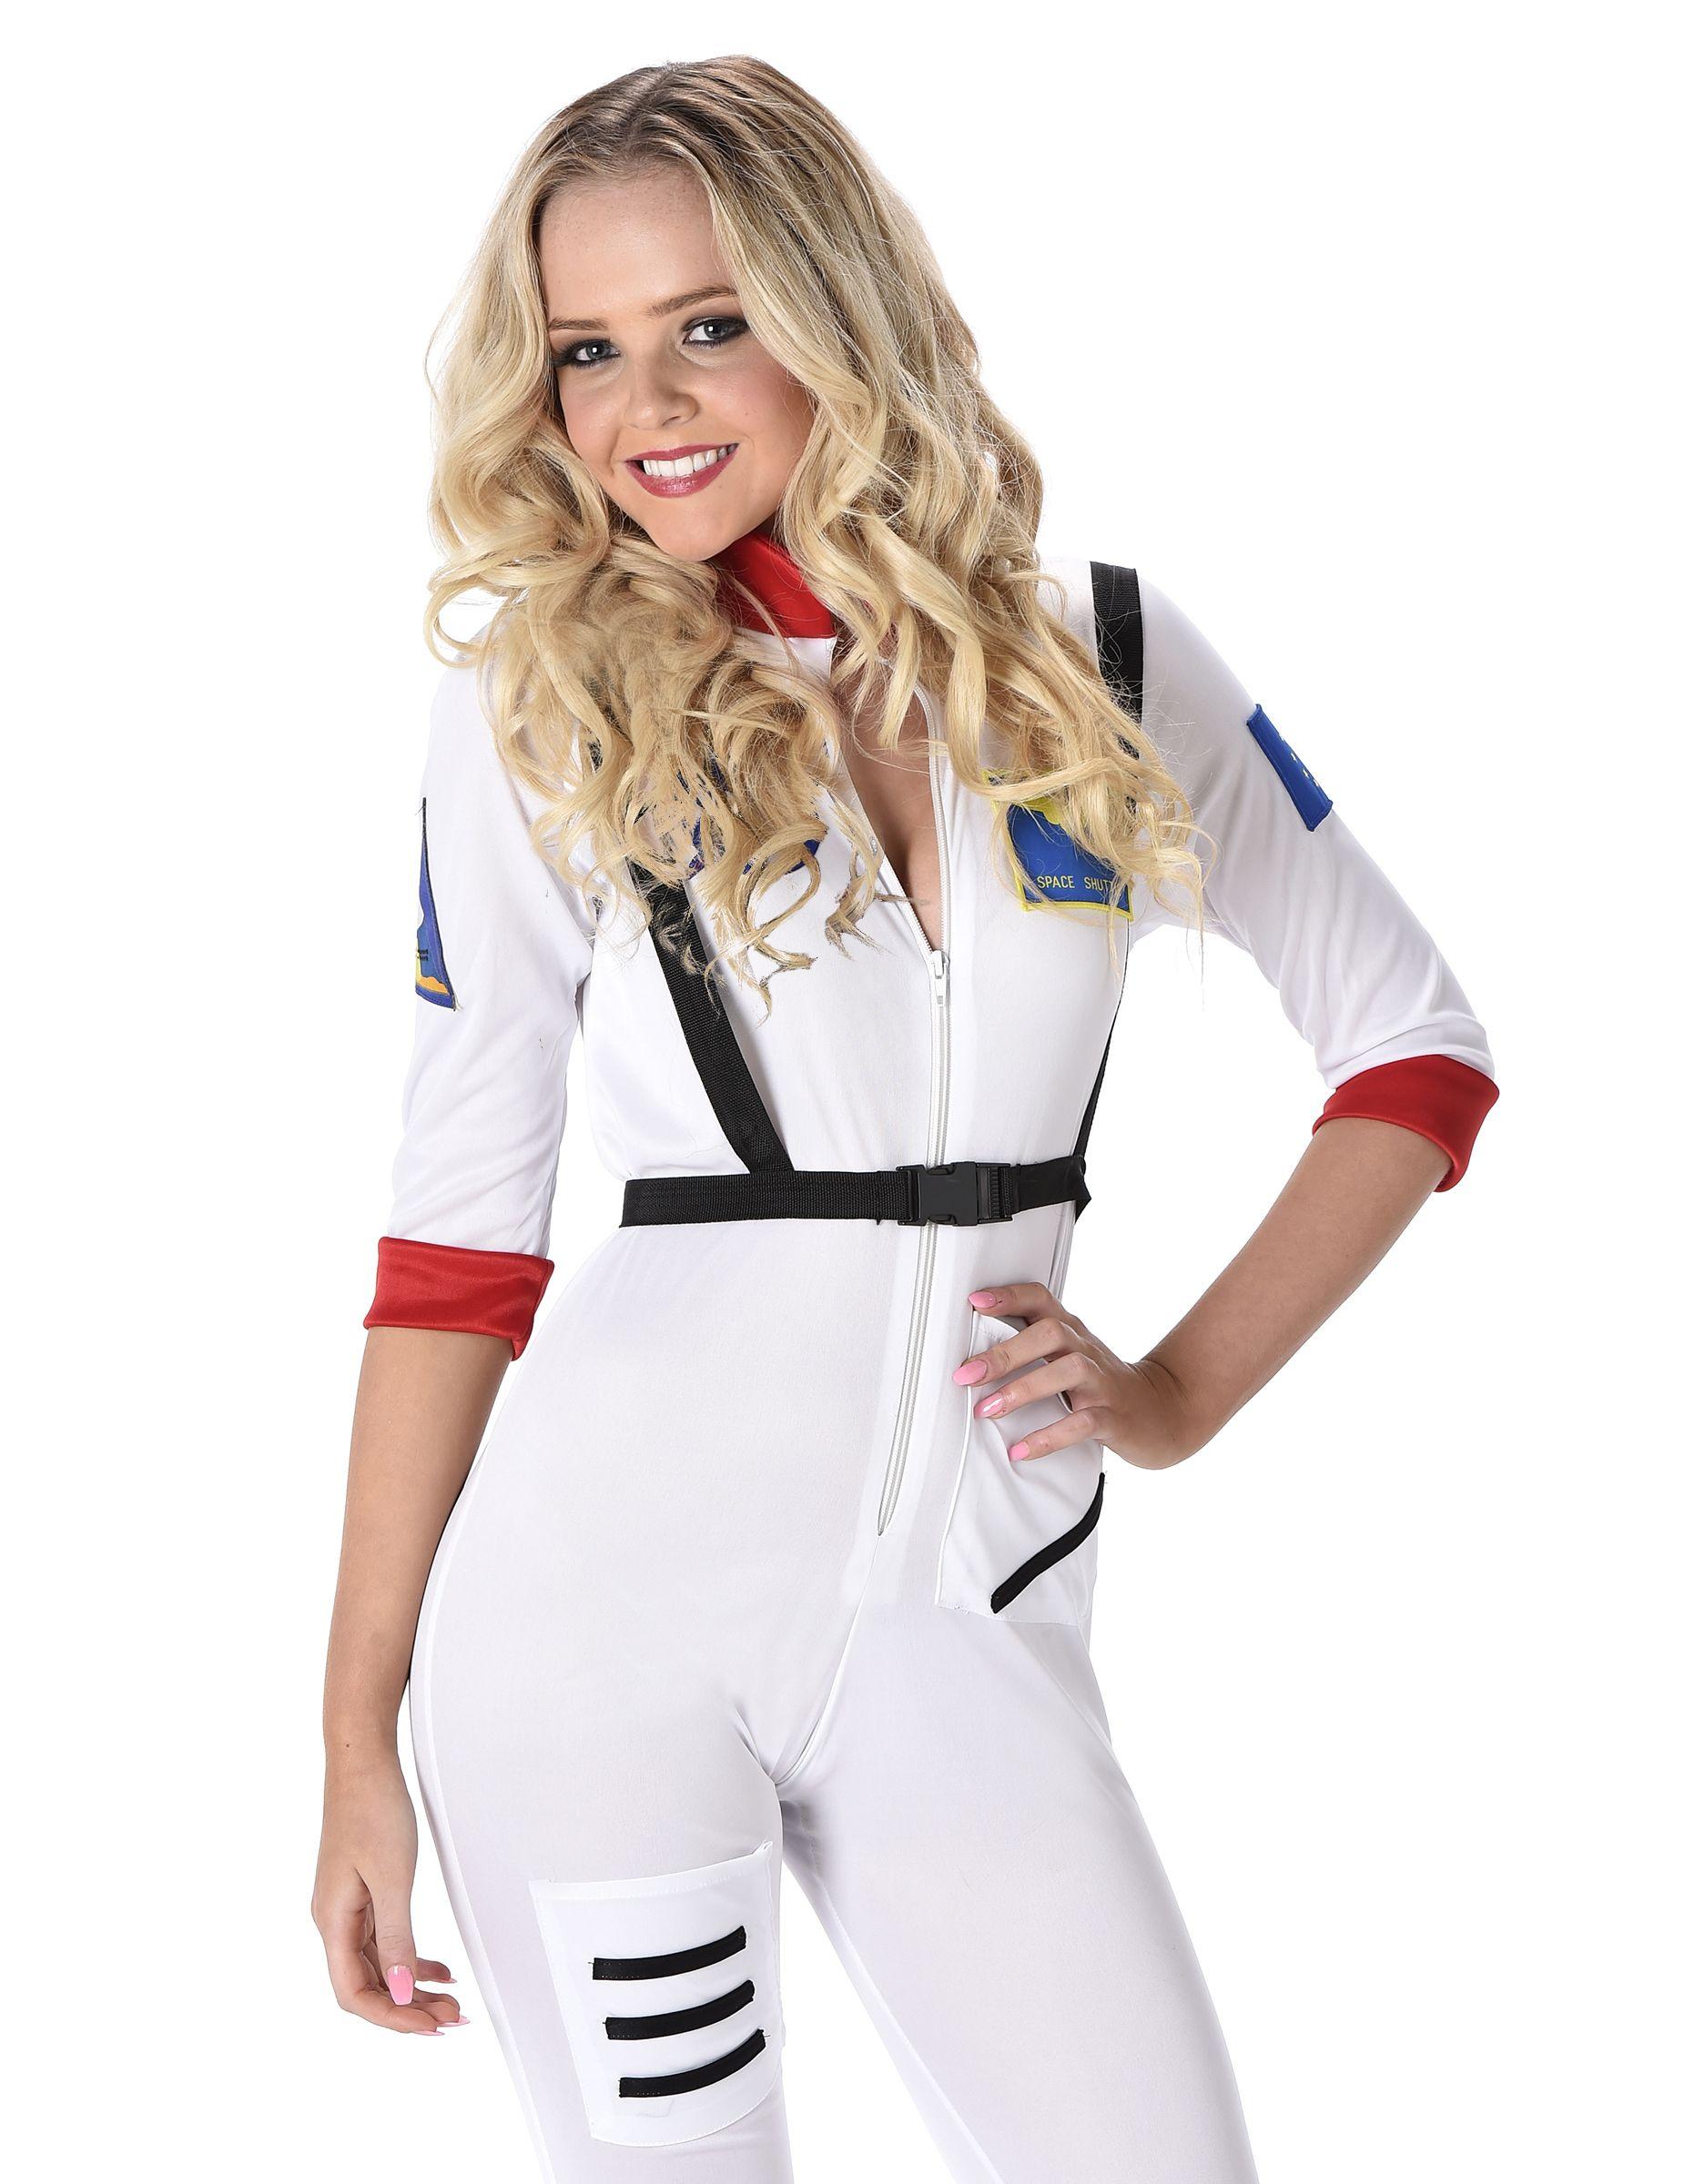 27f520bc973038 Astronautin Damenkostüm Raumfahrerin weiss-bunt , günstige Faschings Kostüme  bei Karneval Megastore, der größte